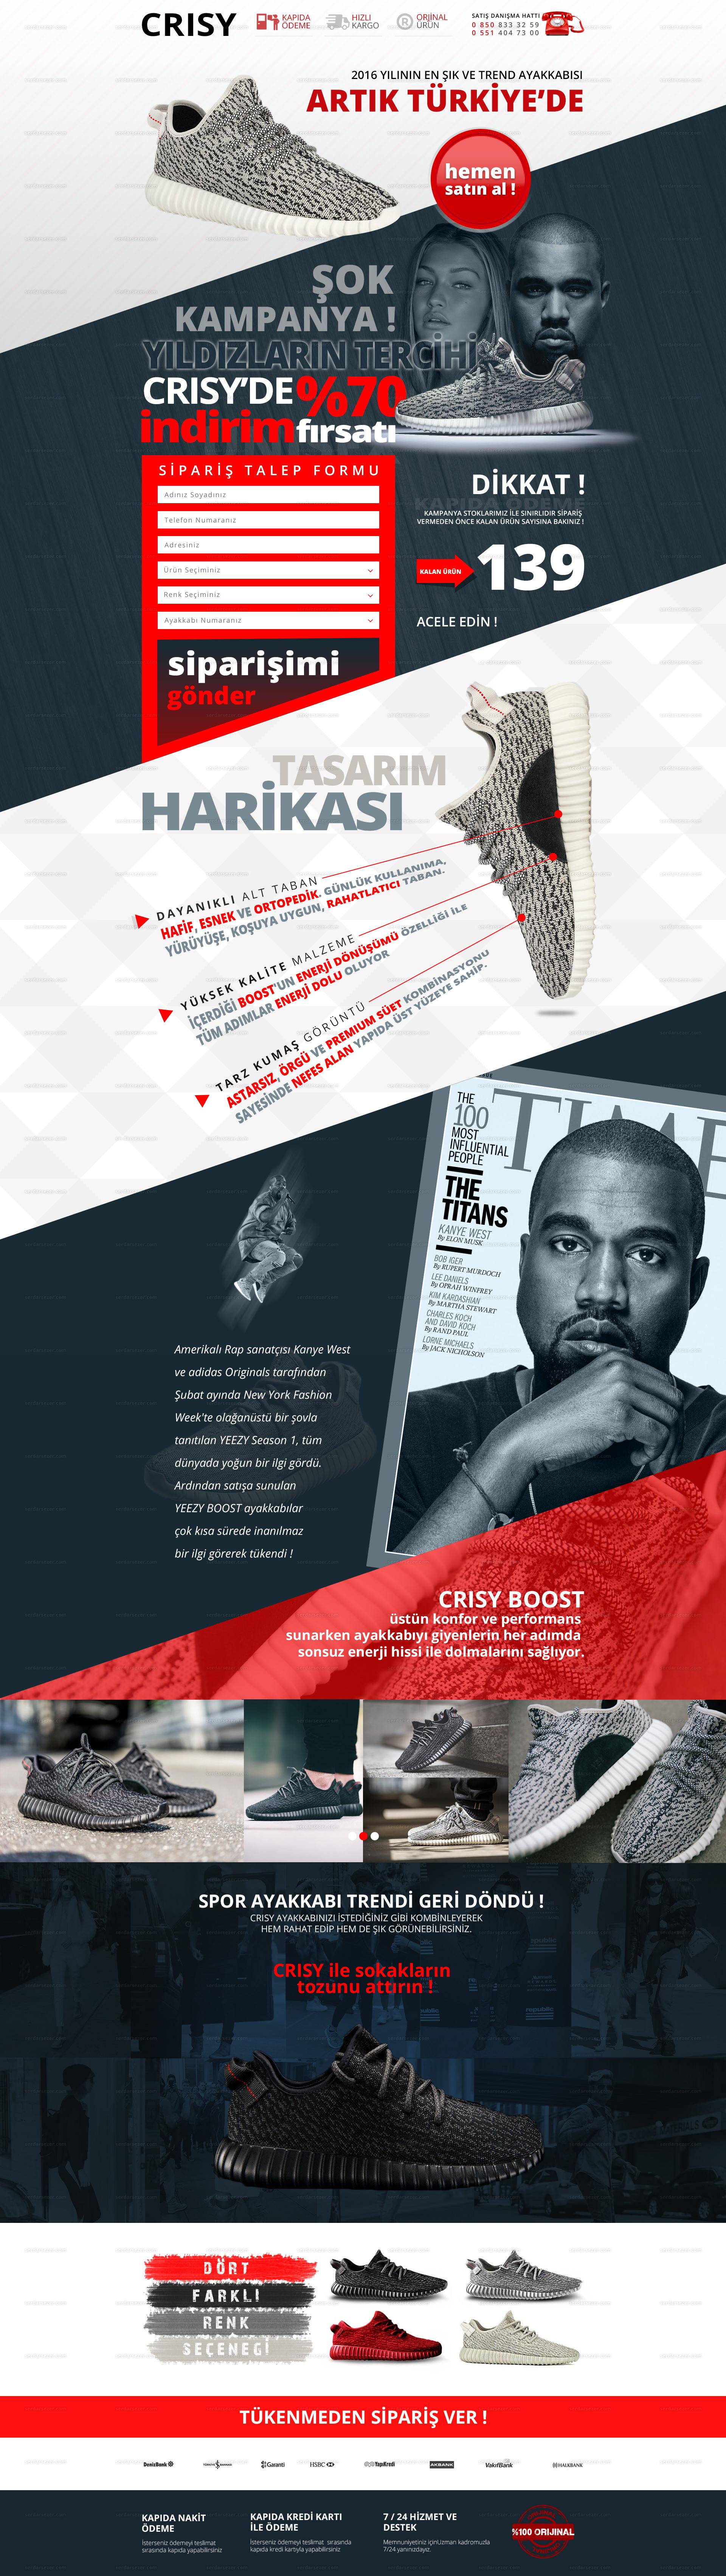 Tek sayfa ürün tanıtım ve satış sitesi